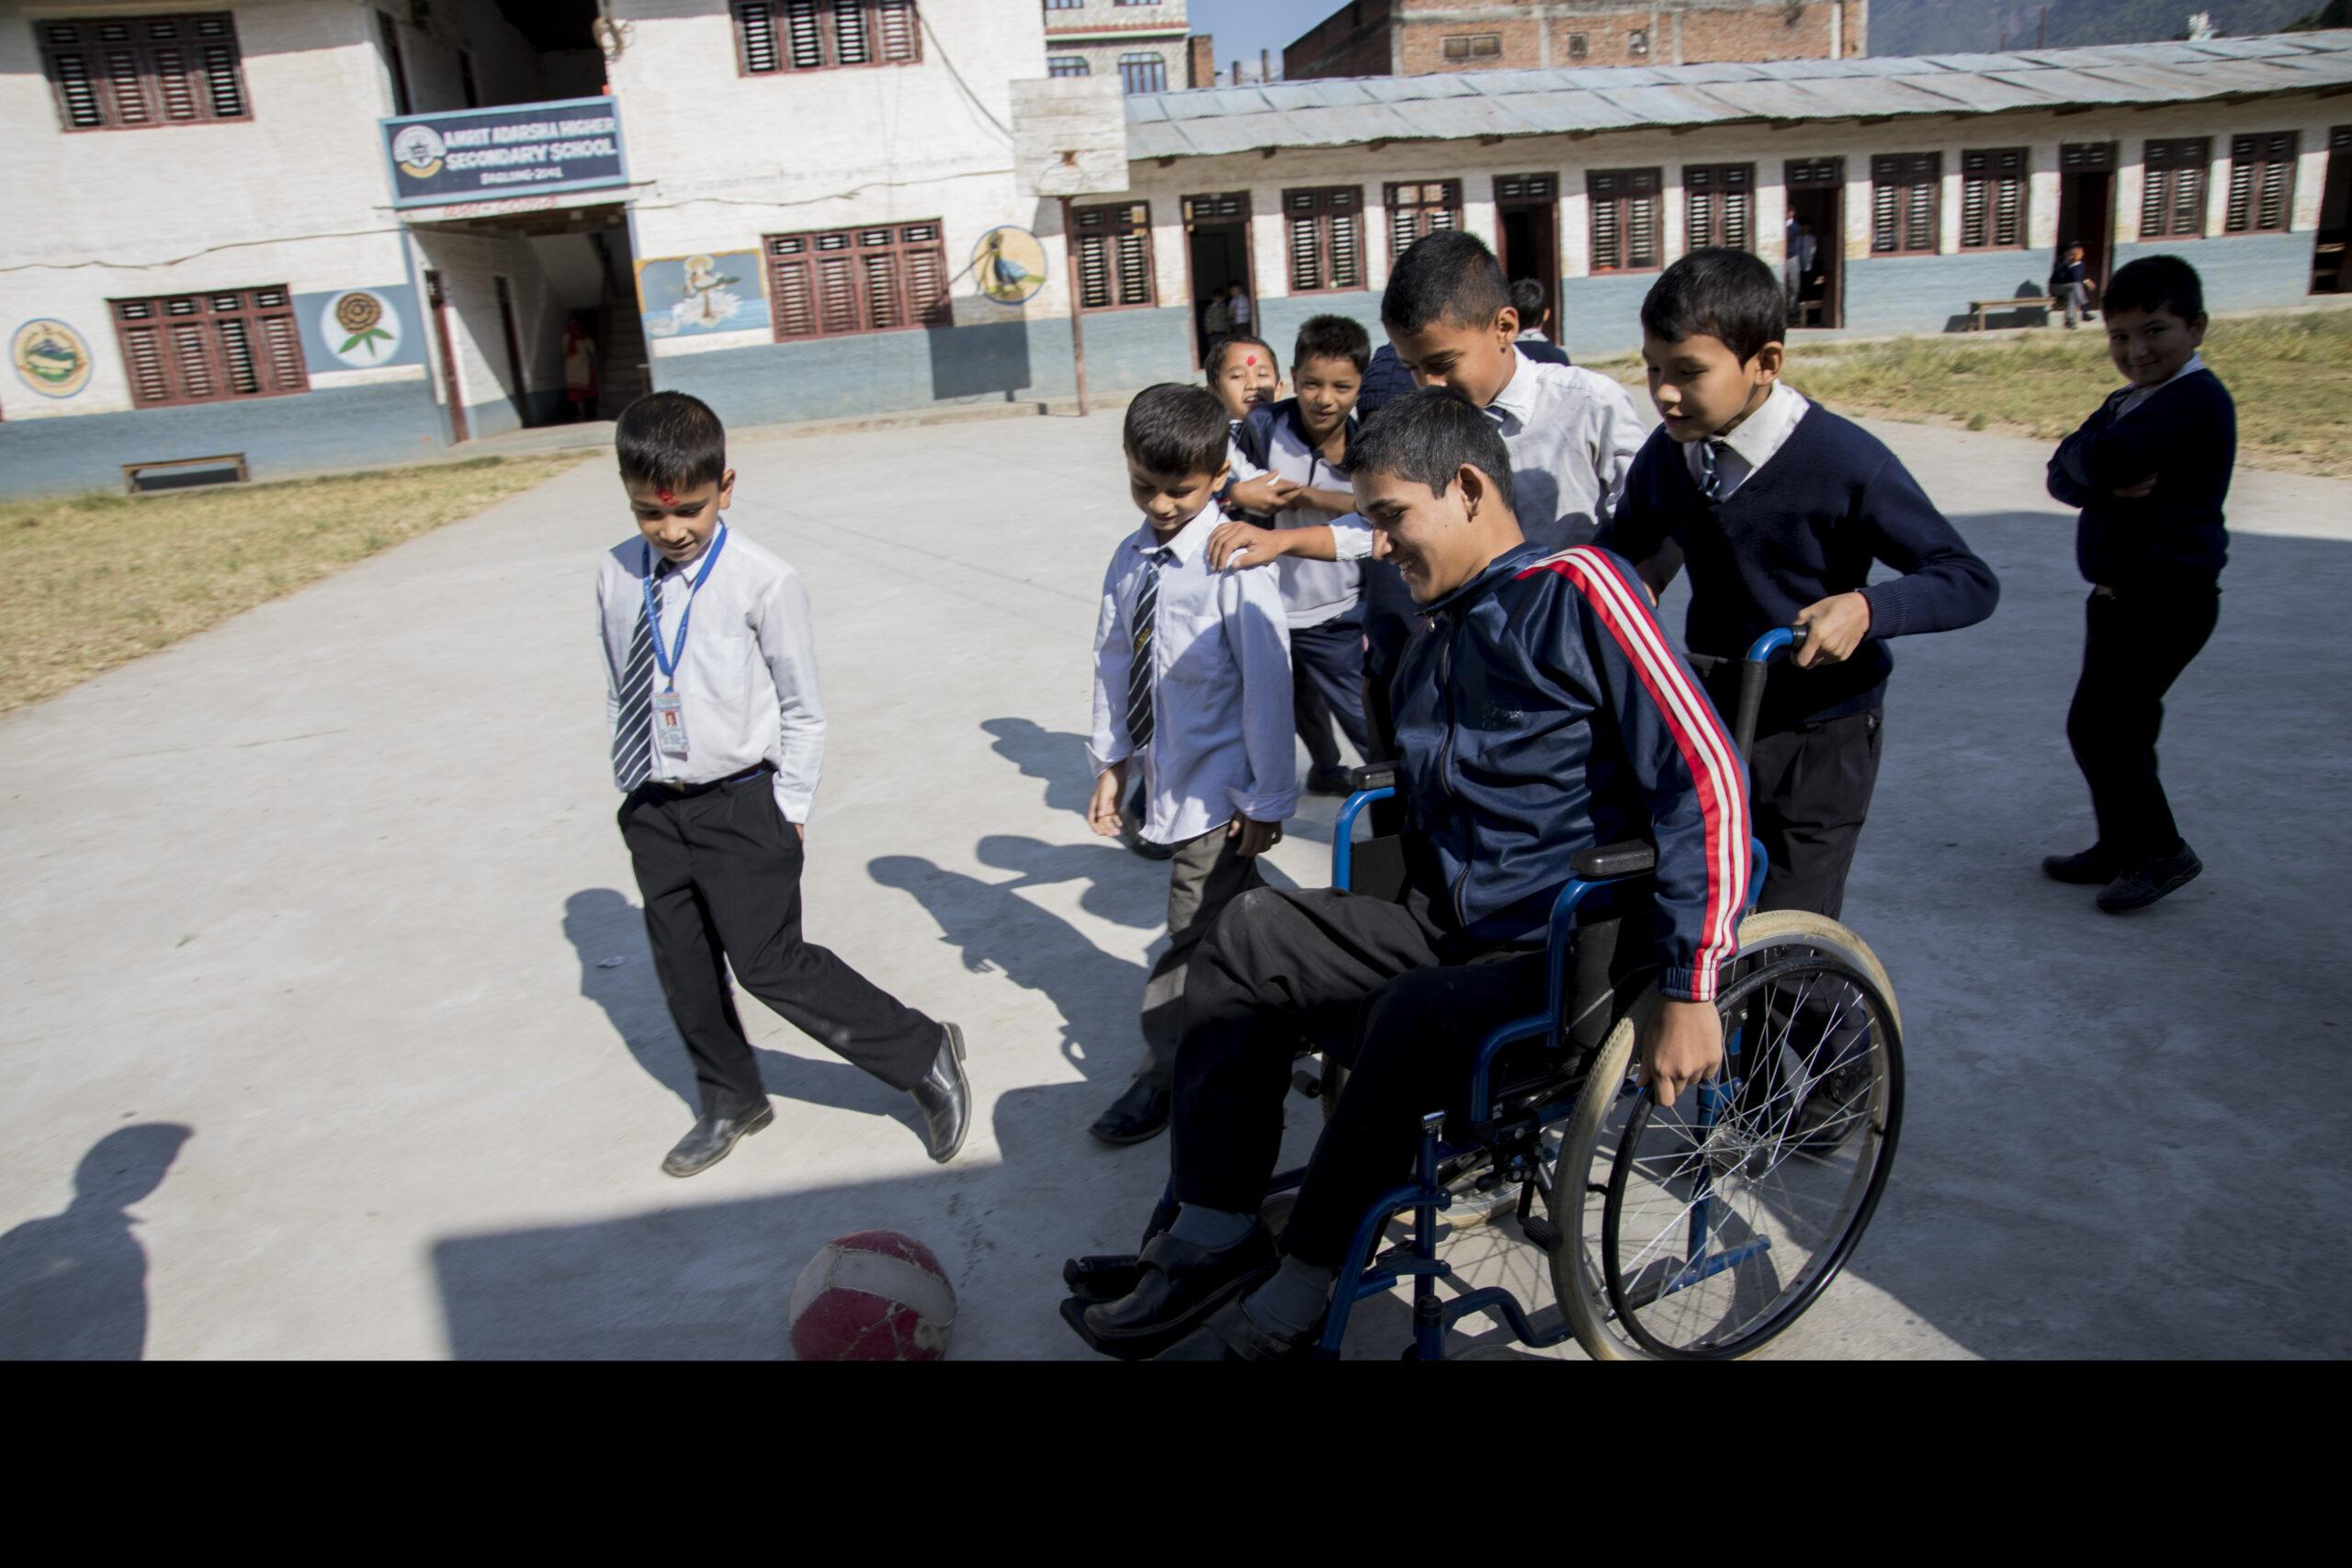 GNO0482_Lernen_Plan International_Bild stammt aus einem ähnlichen Plan-Projekt in Nepal_Bild3